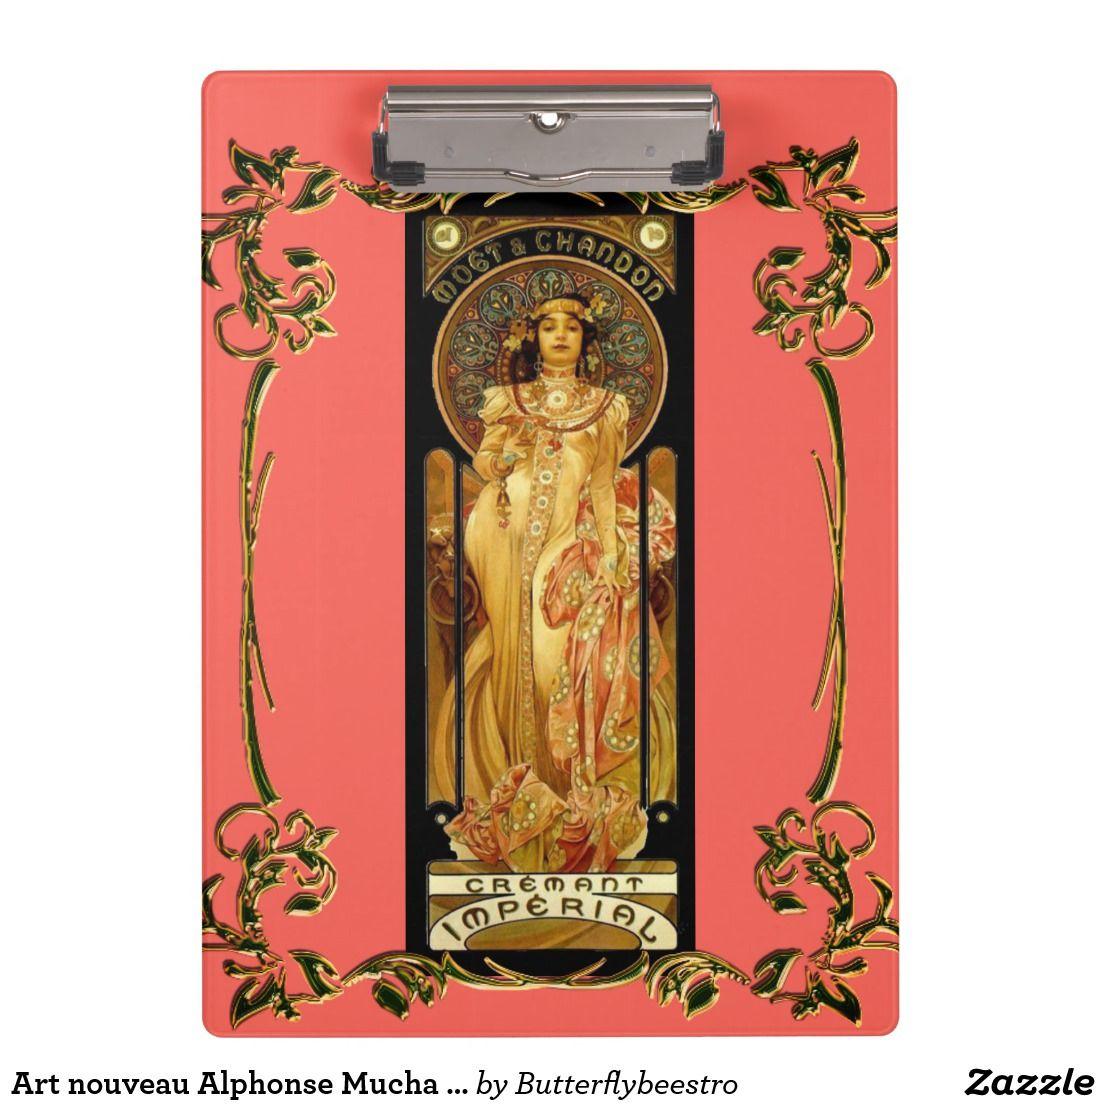 Art Nouveau Alphonse Mucha Woman Champagne Label Clipboard Zazzle Com Alphonse Mucha Art Nouveau Art